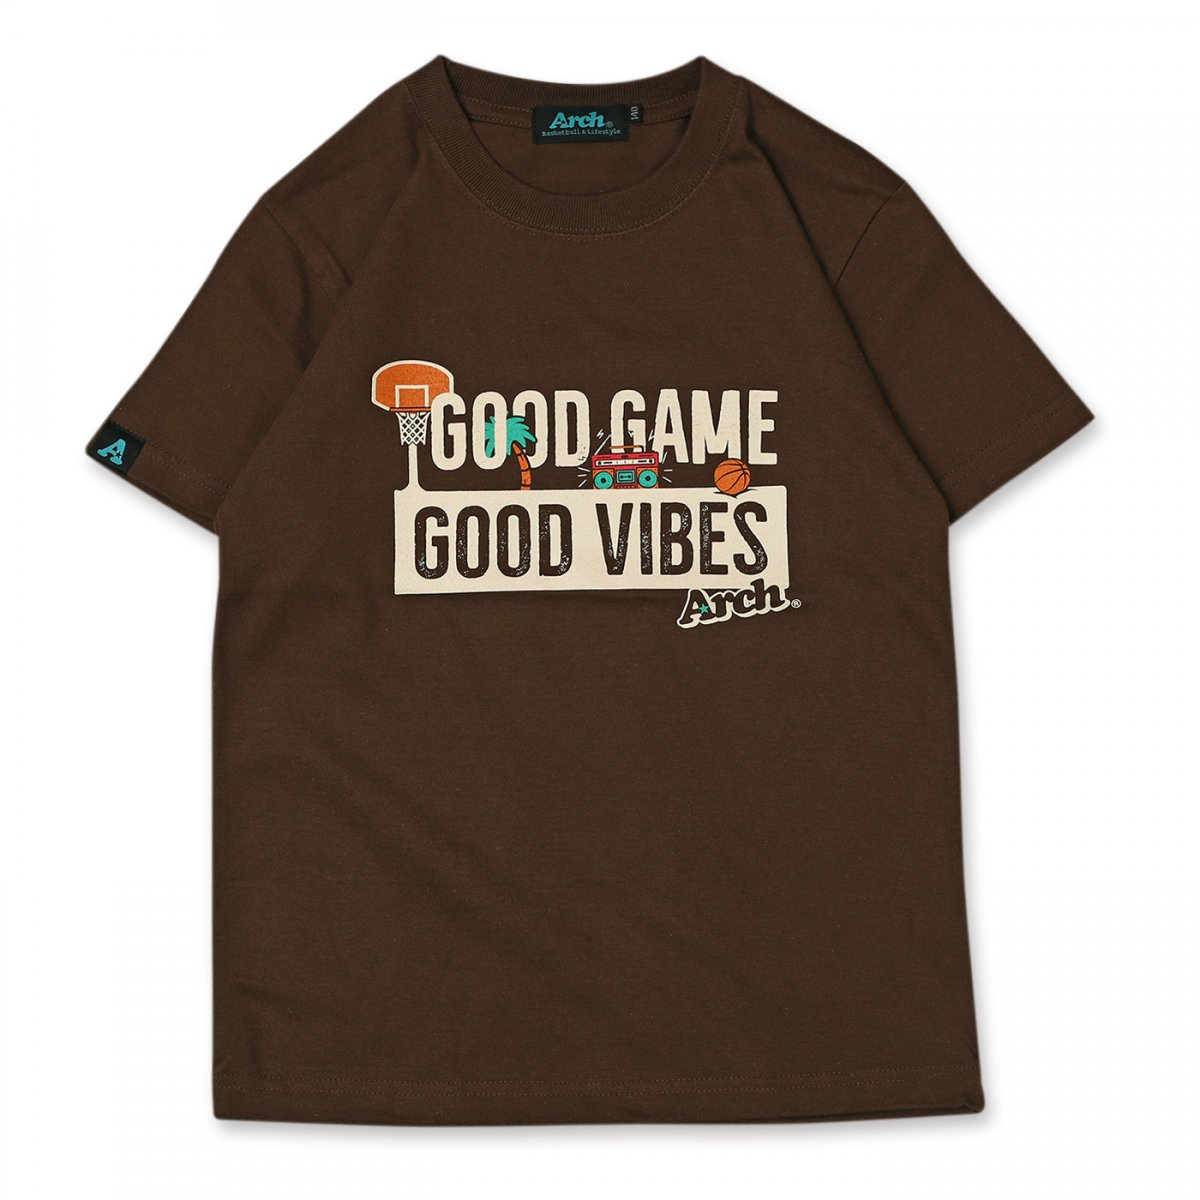 グッドゲーム Tシャツ キッズ ブラウン